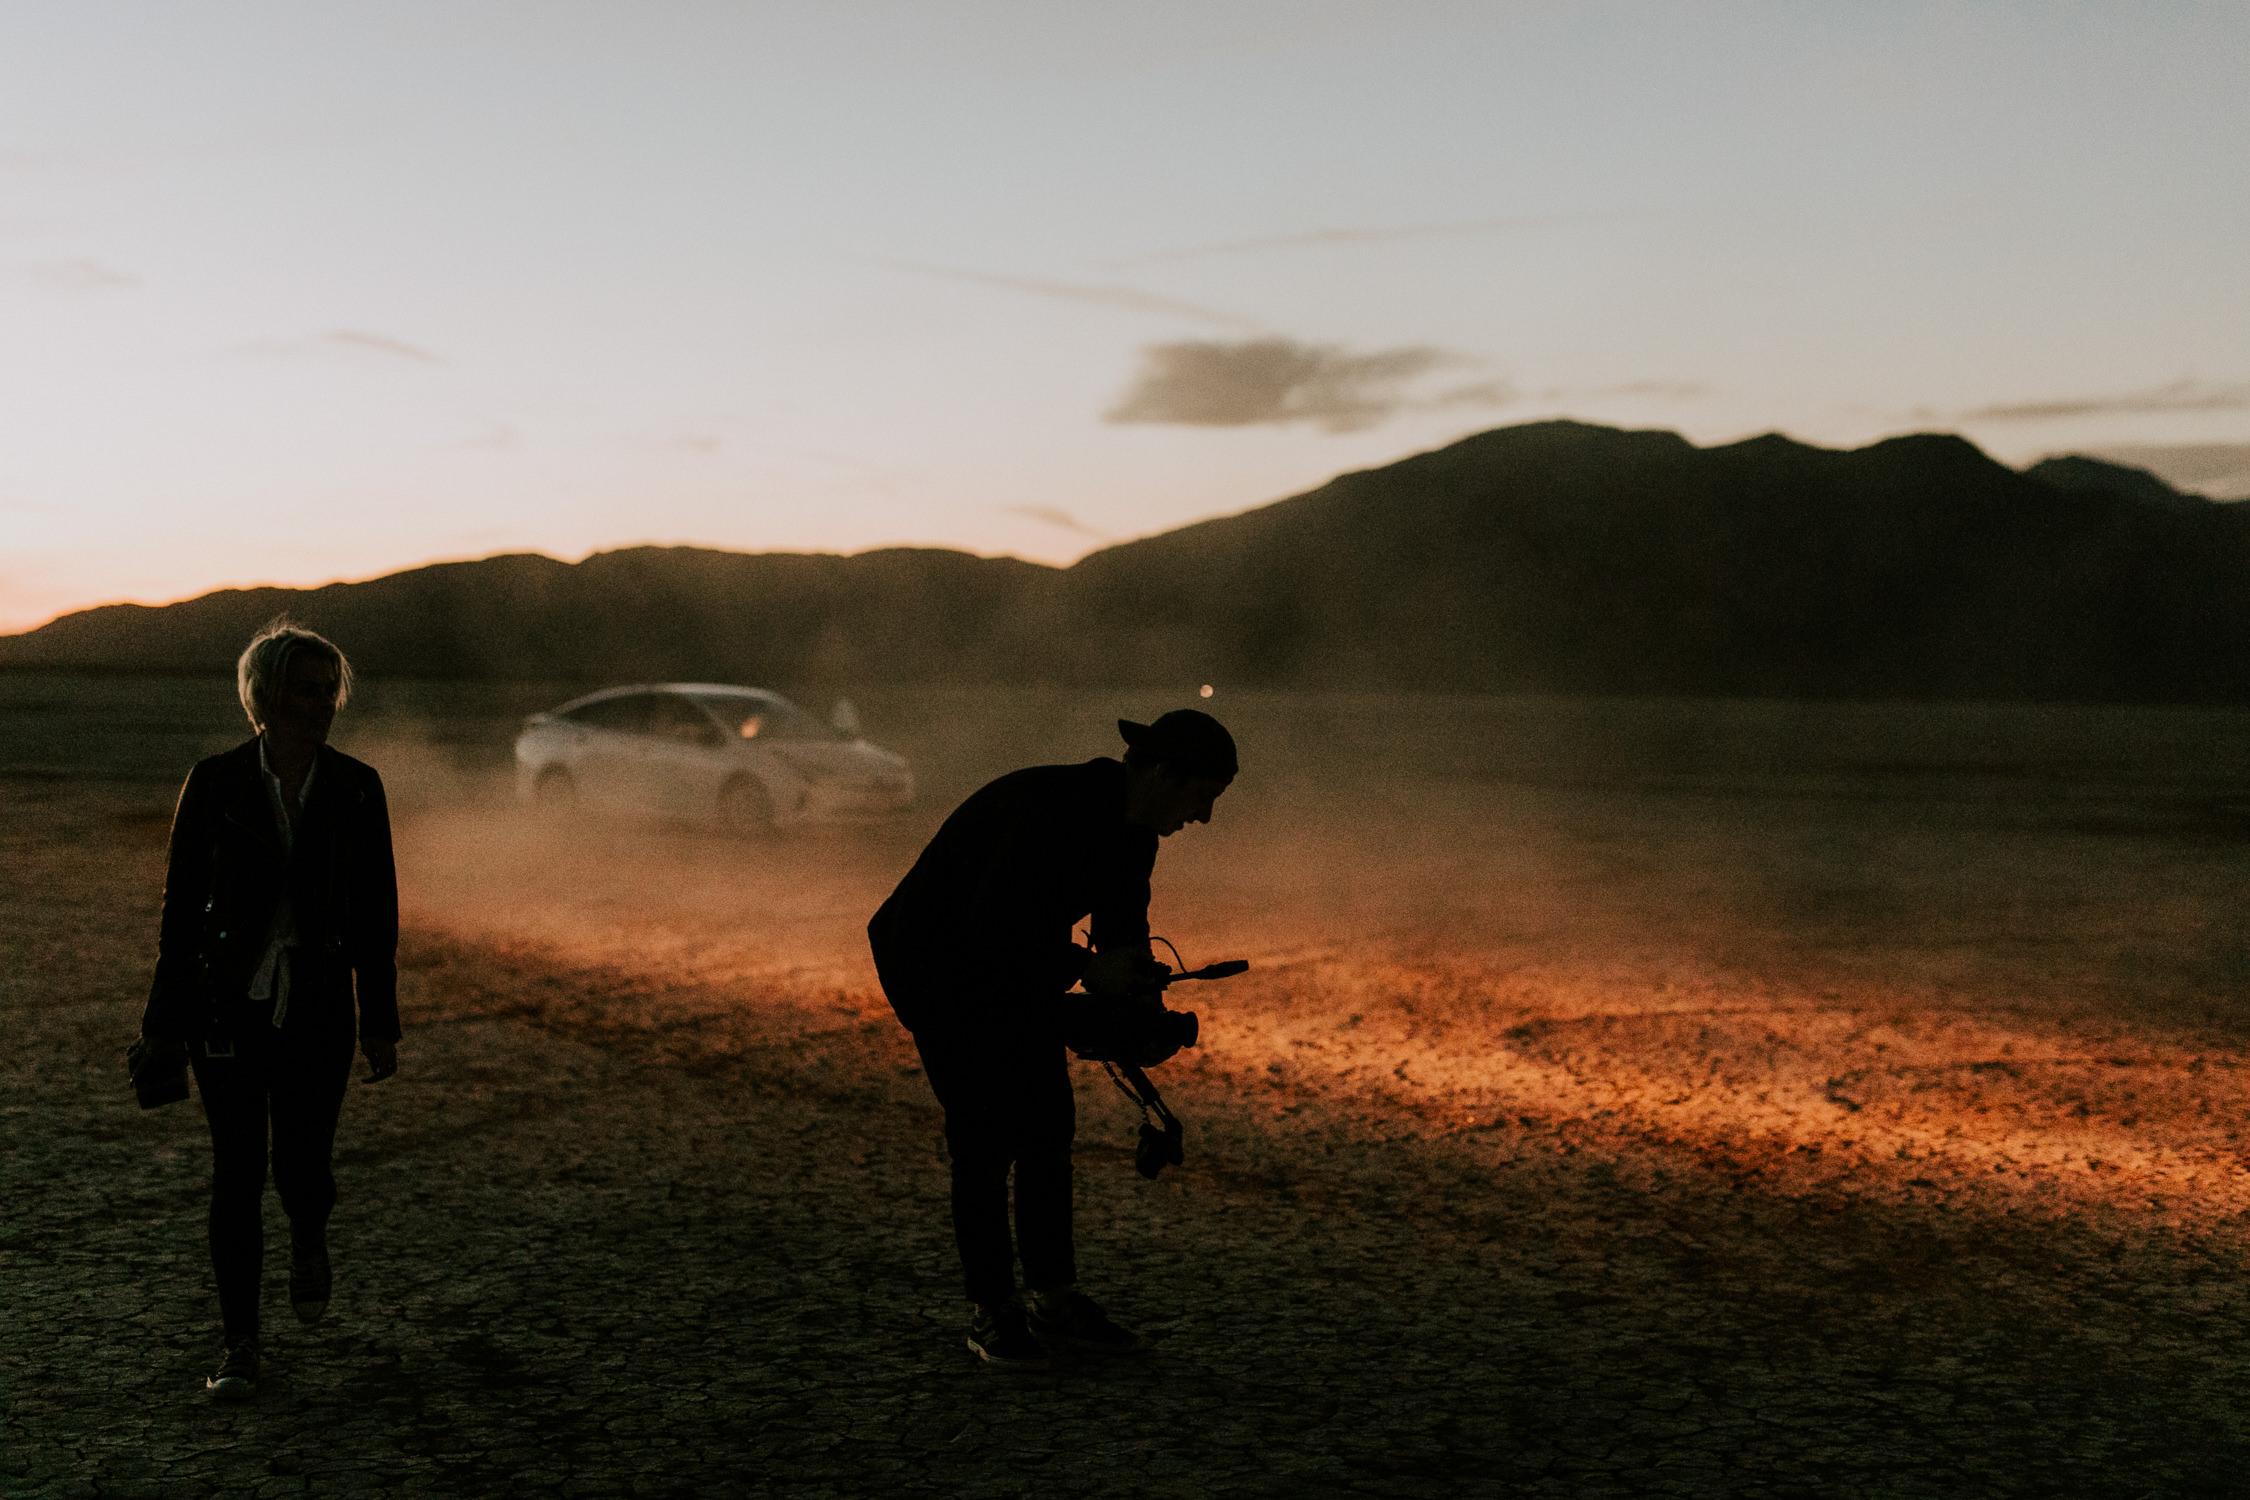 music-video-bts-desert-dusk-AnnaLeeMedia